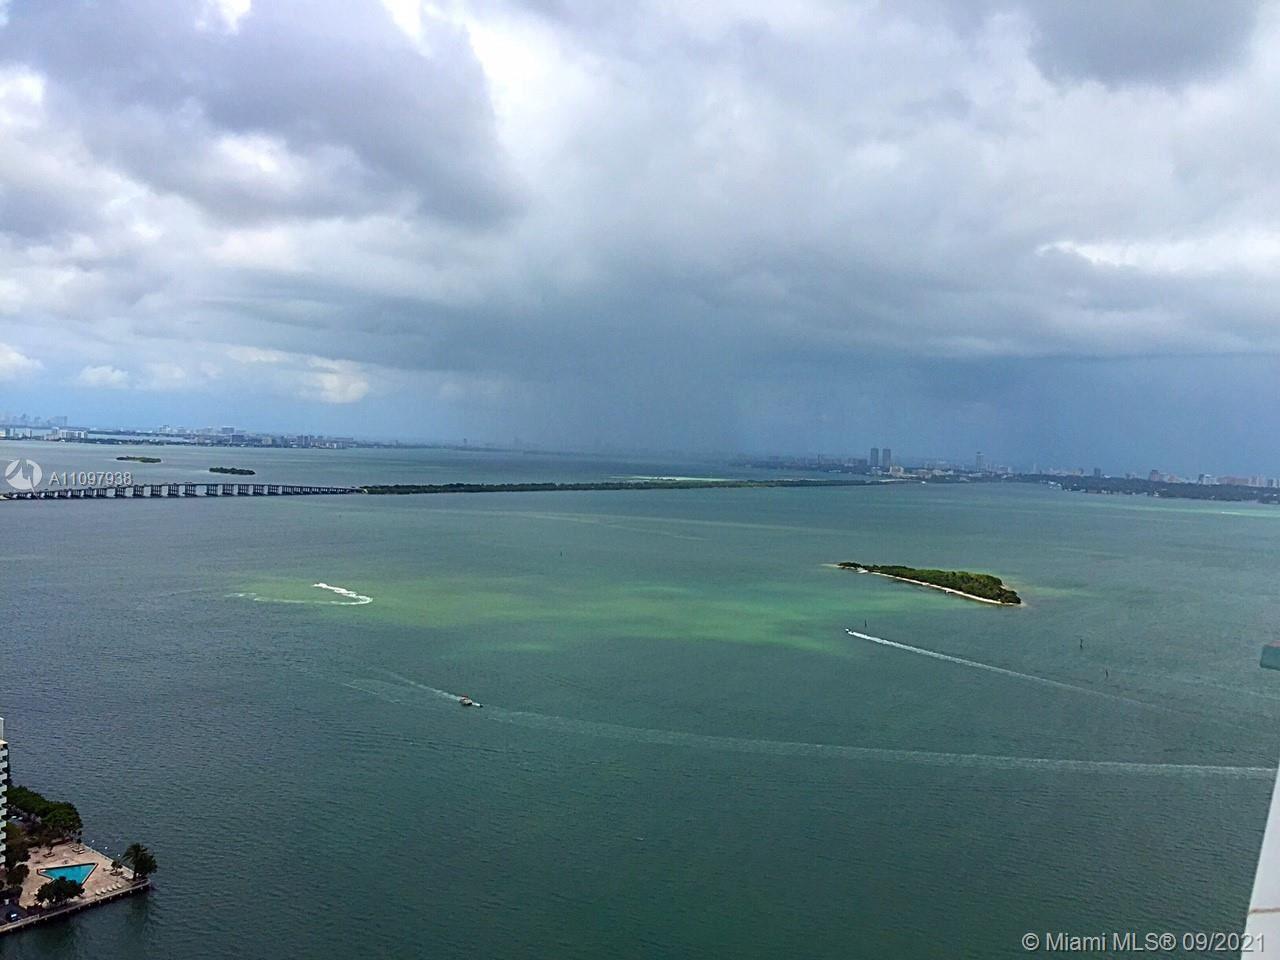 1900 N Bayshore Dr #4104, Miami, FL 33132 - #: A11097938